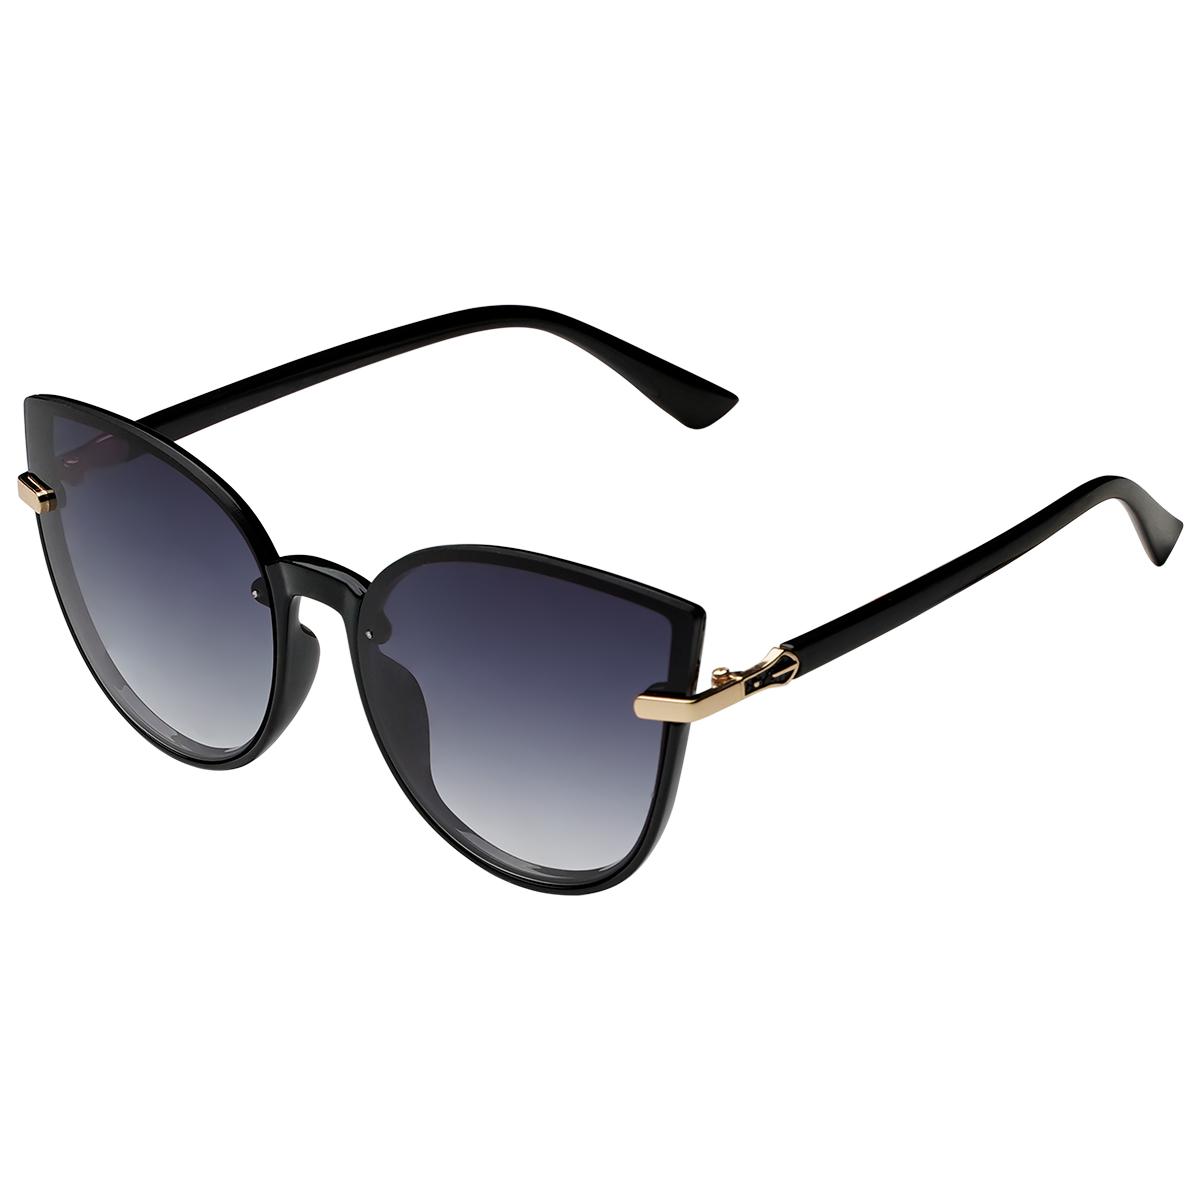 Zonnebril Cat Eye zwart zwarte dames zonnebrillen gouden detail trendy festival brillen musthaves kopen bestellen yehwang